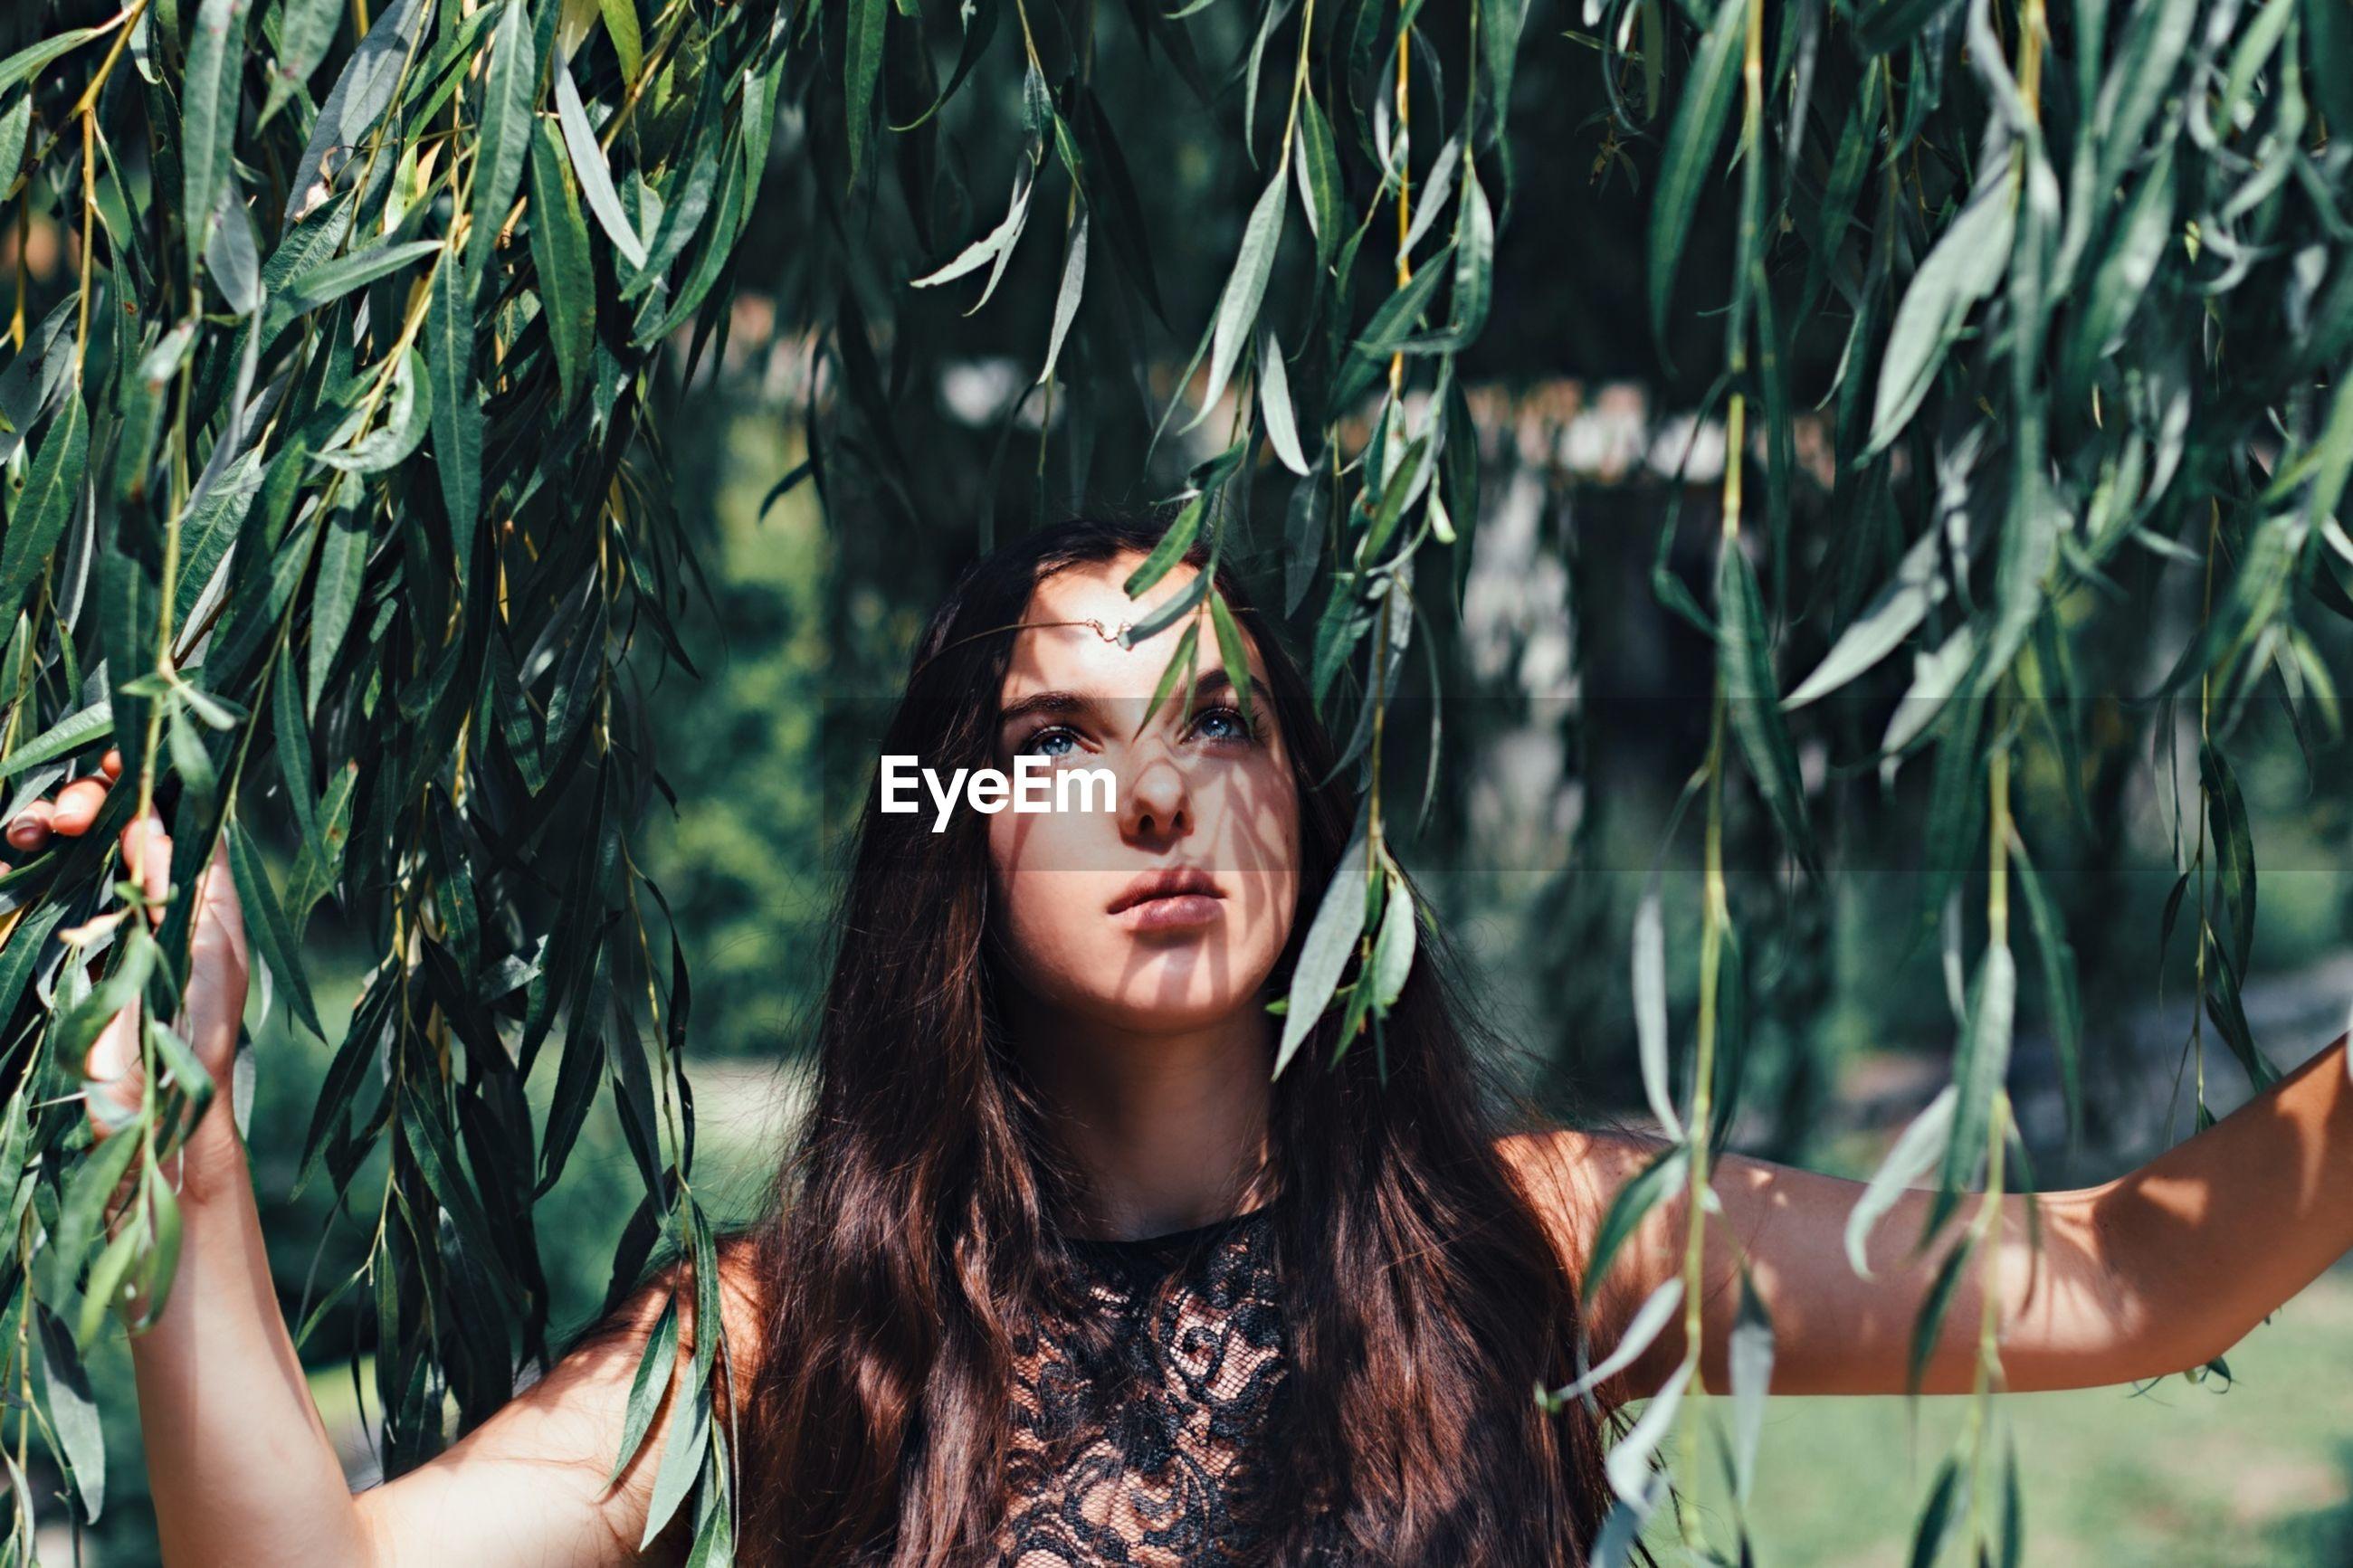 Attractive woman in lush foliage